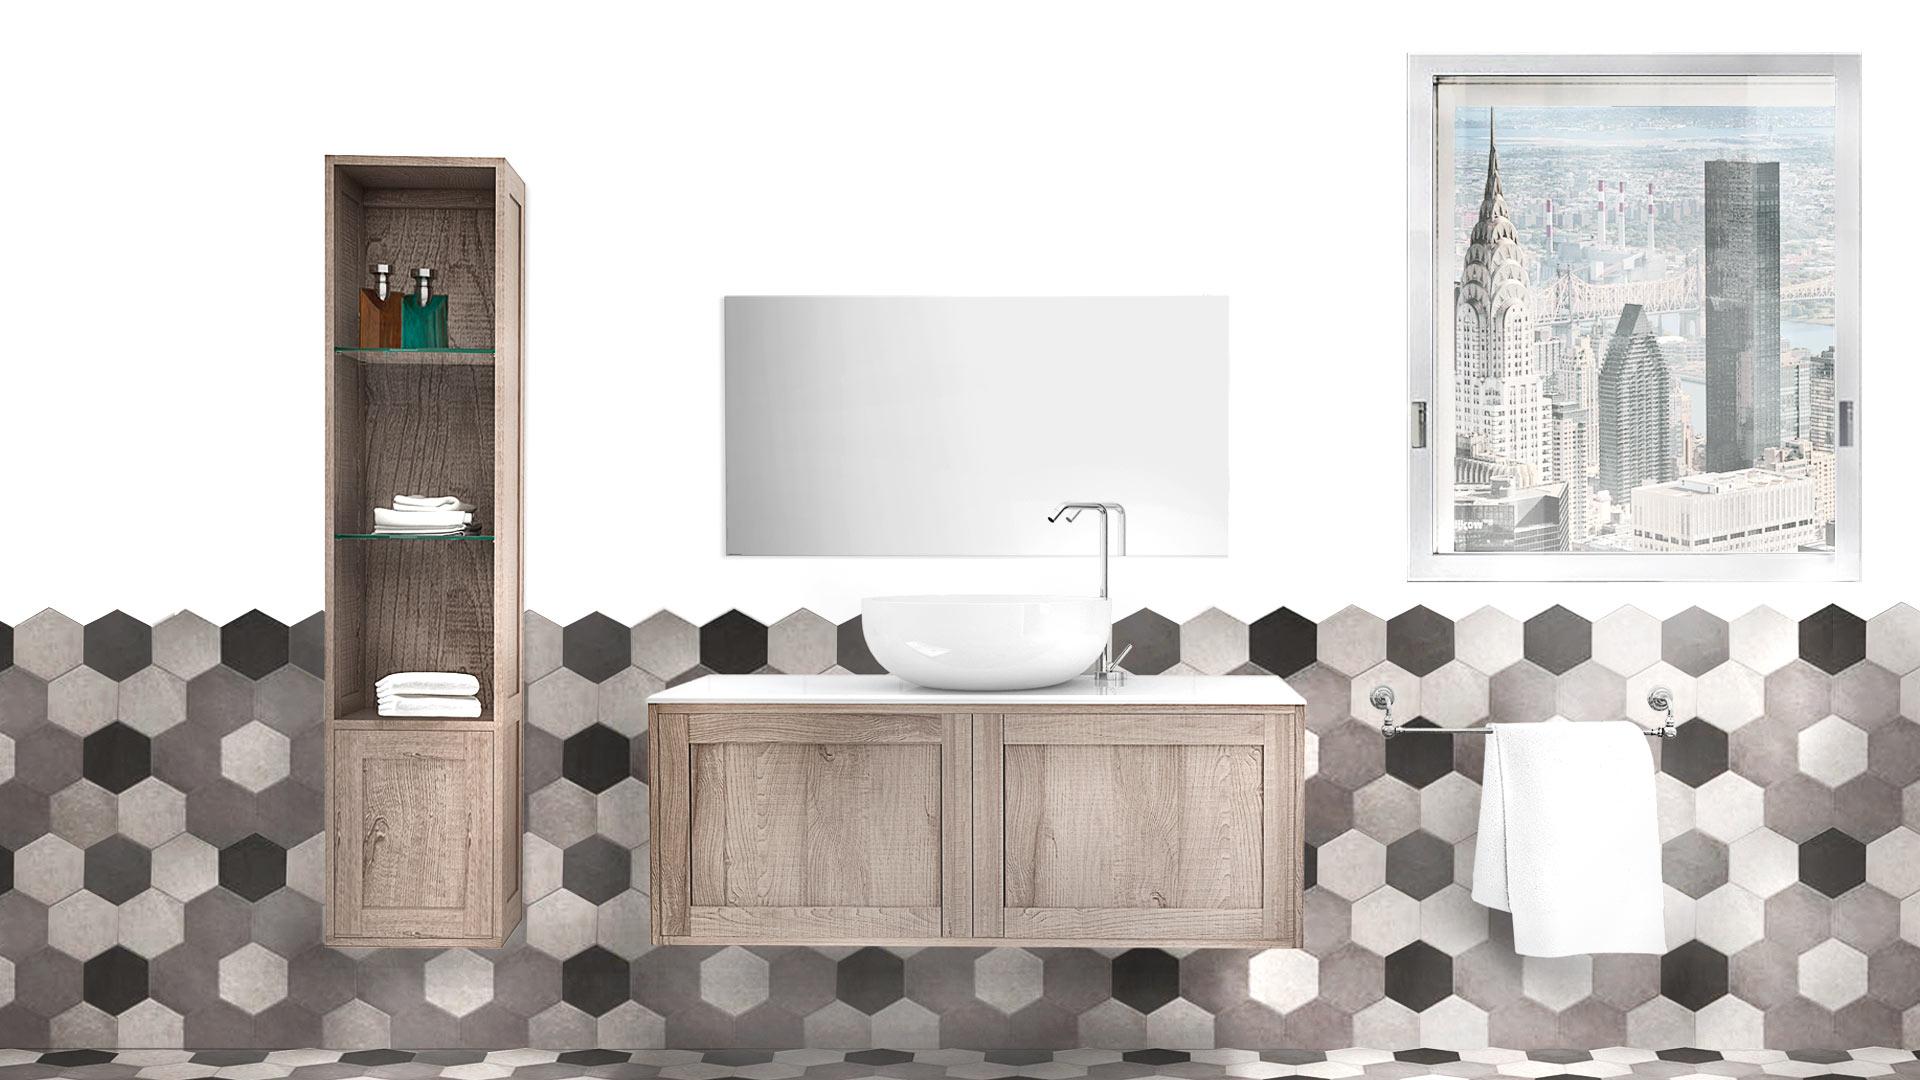 Bagno design urban bath james howes james howes twitter